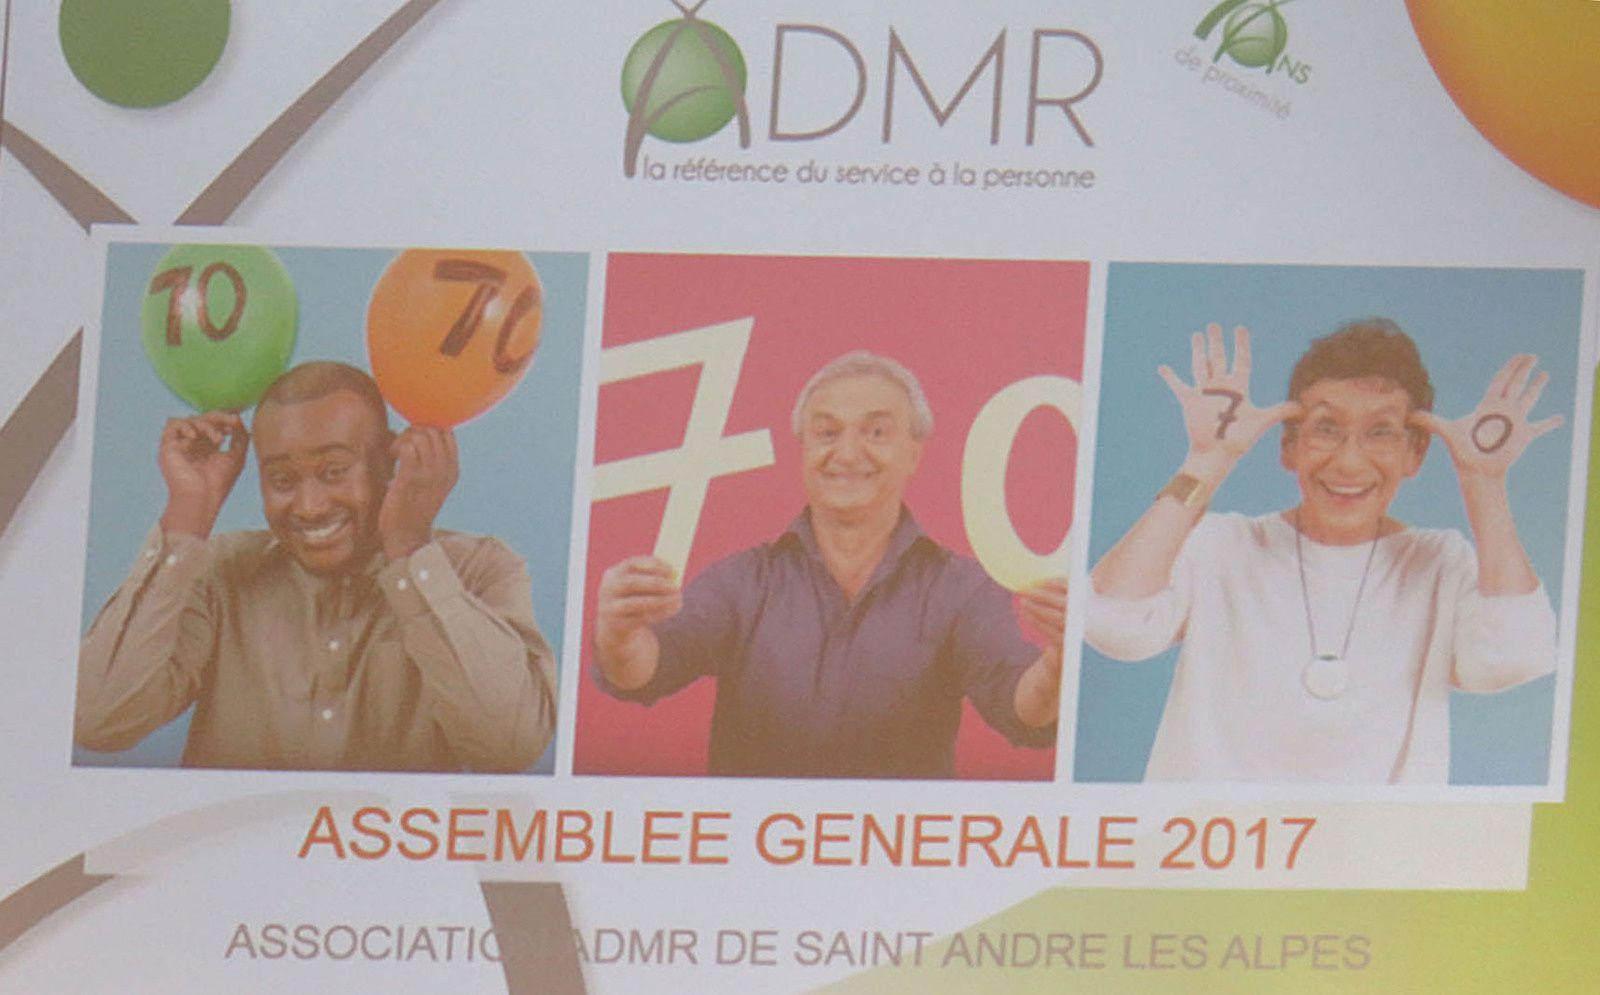 Saint André les Alpes : L'ADMR adopte le &quot&#x3B;Philia-Dom&quot&#x3B;